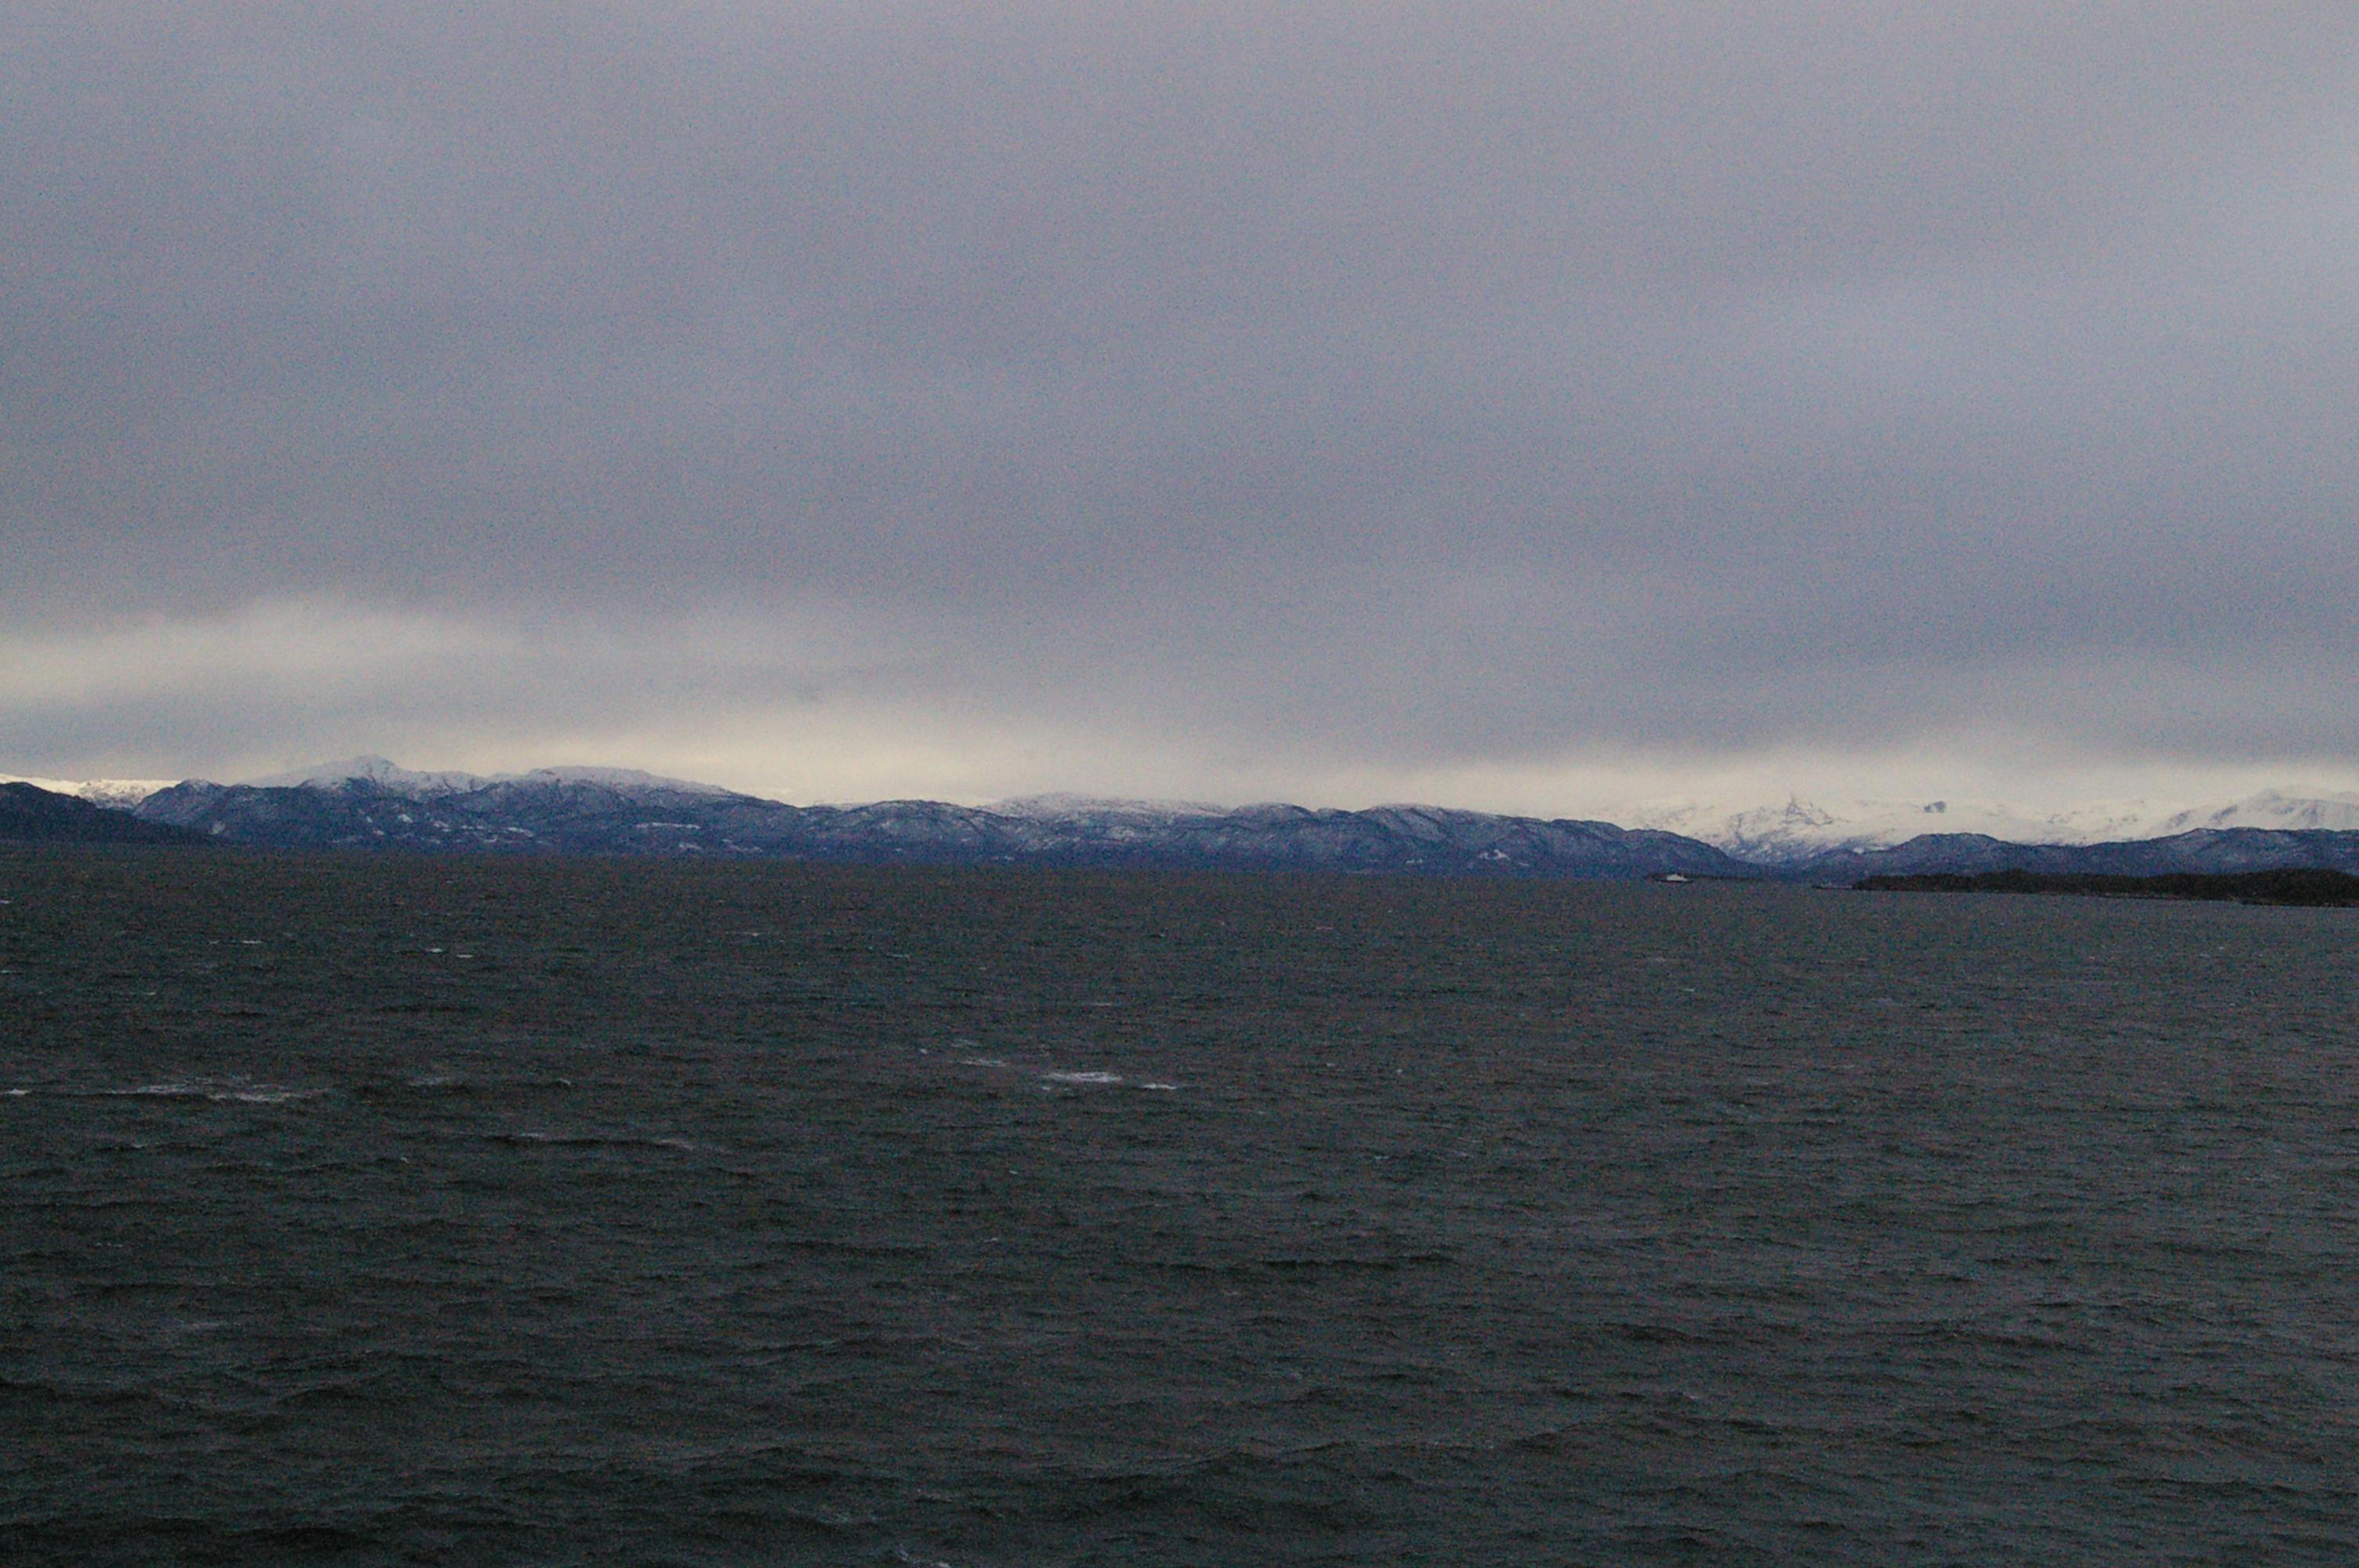 Fergefri E39: Vegvesenet frir til offshore- og maritimbransjen